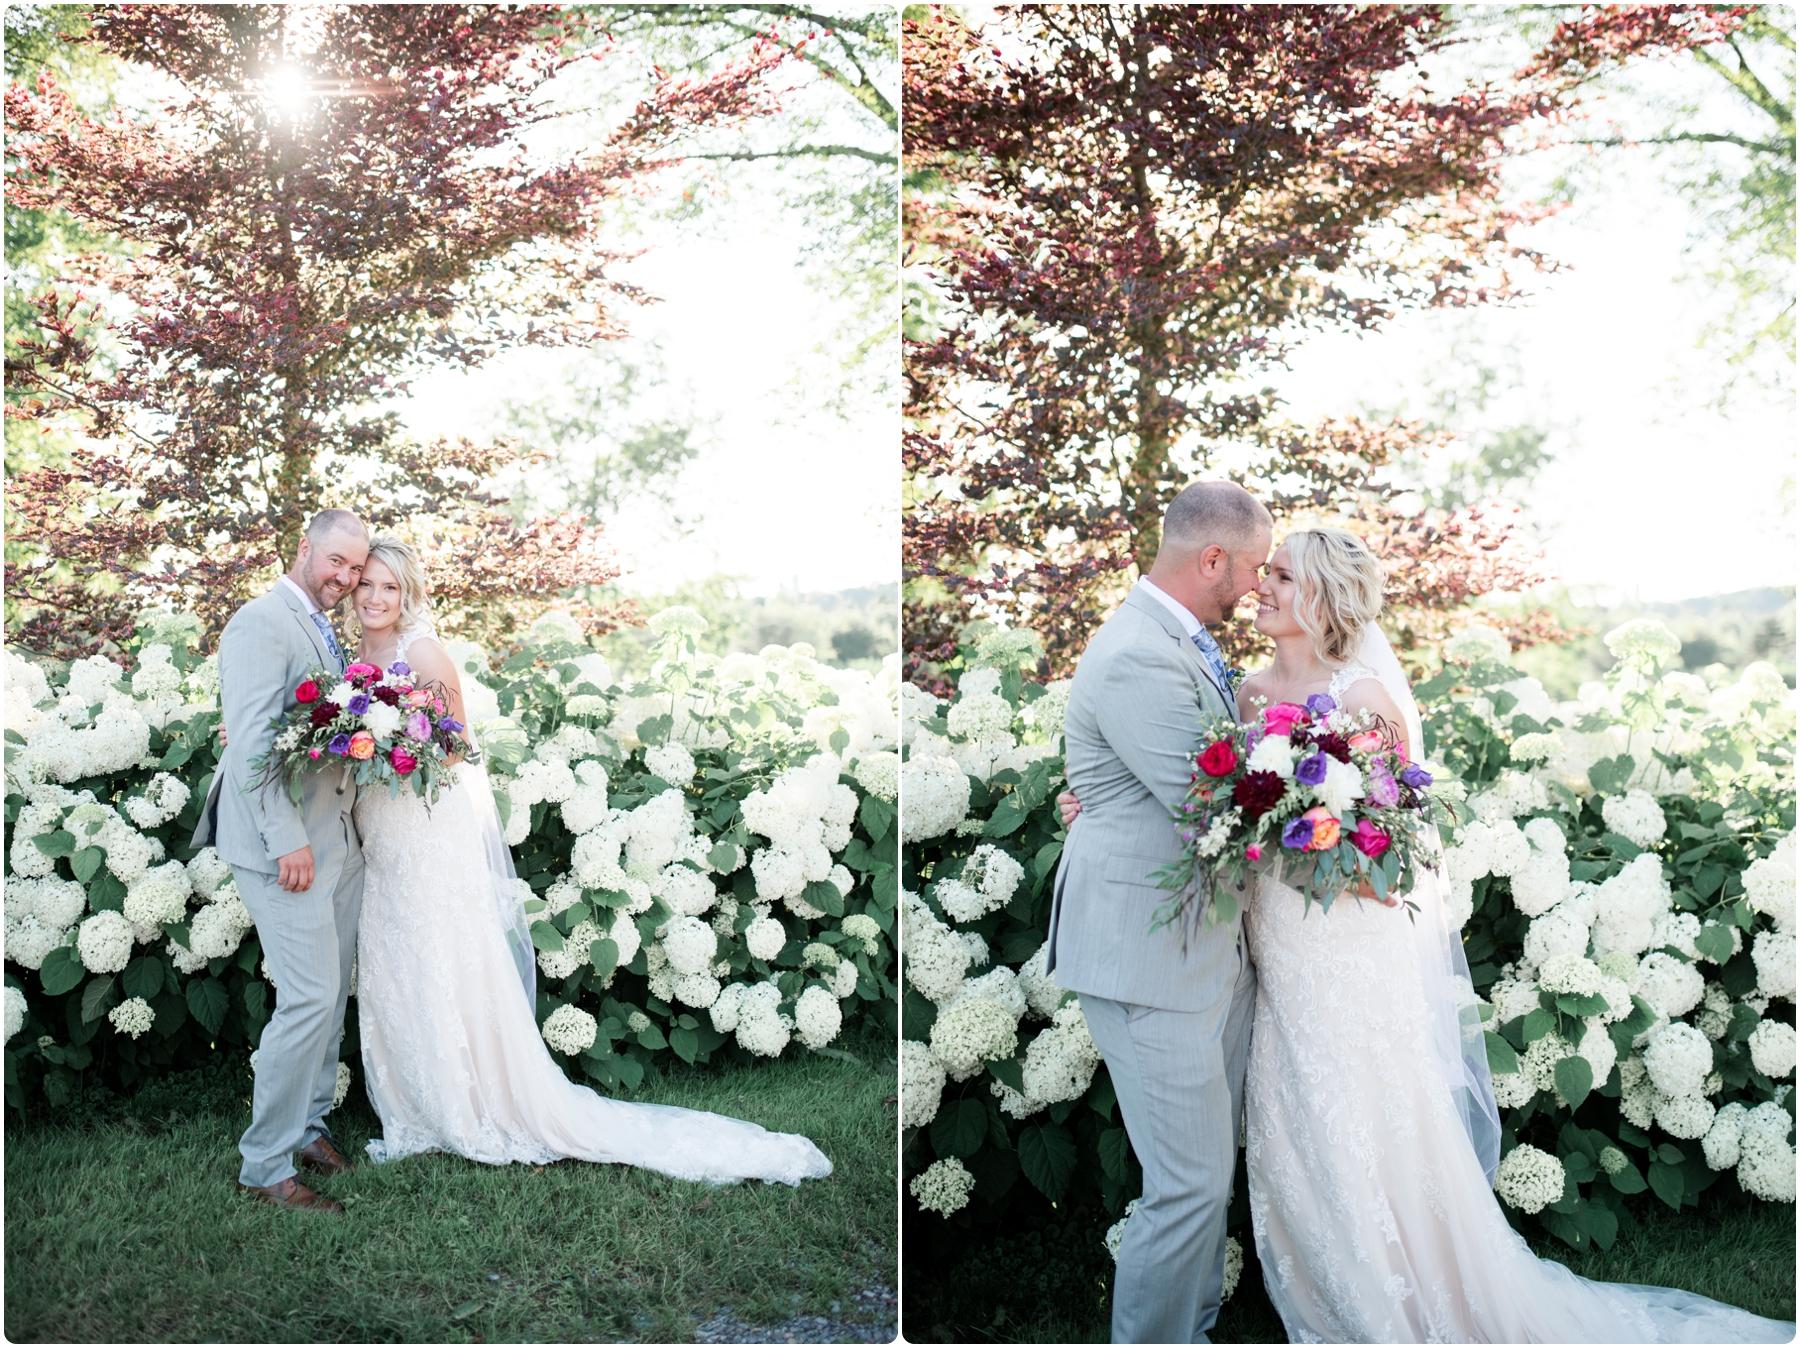 Katie+Jeff Bloom Field Garden_0099